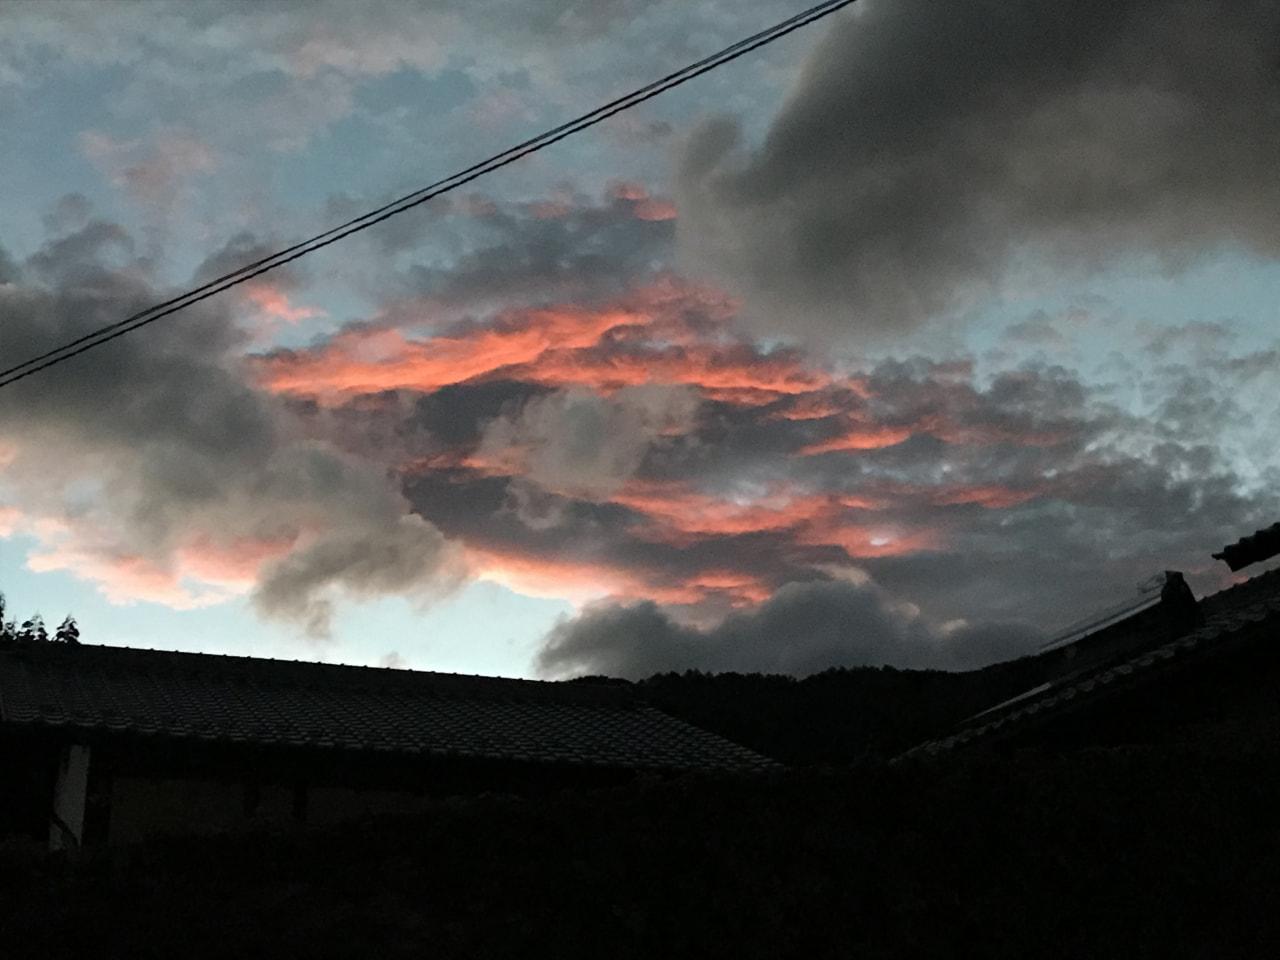 雲が燃えてる⁉